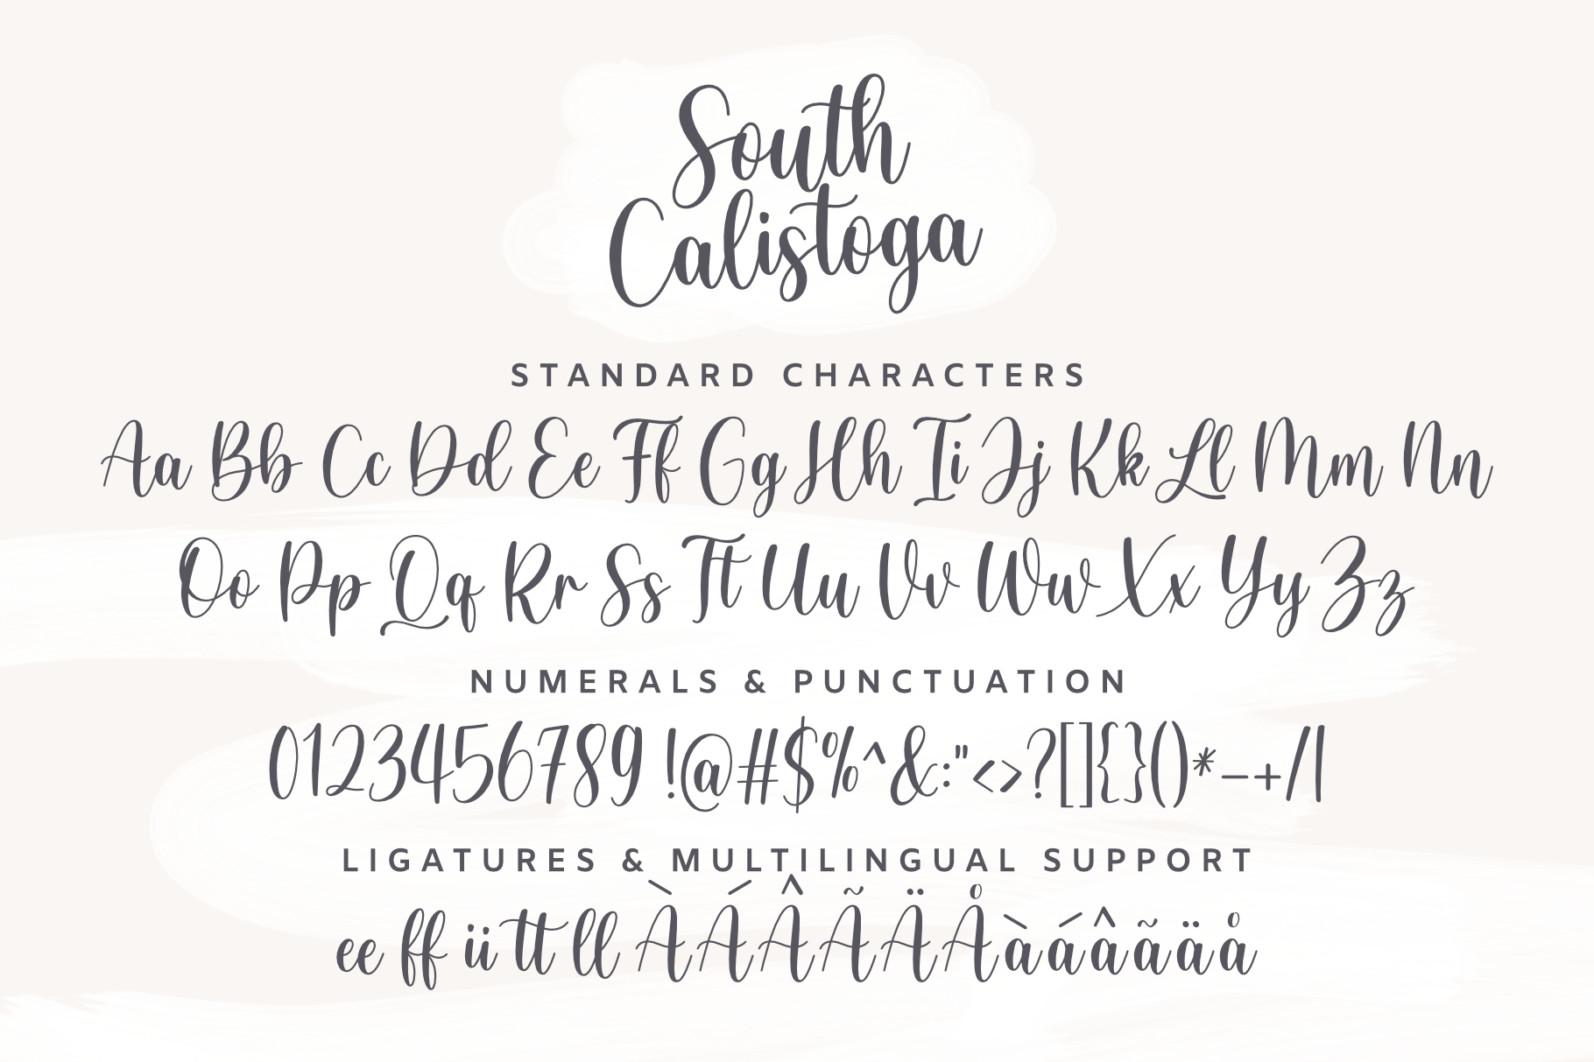 South Calistoga - South Calistoga 08 -